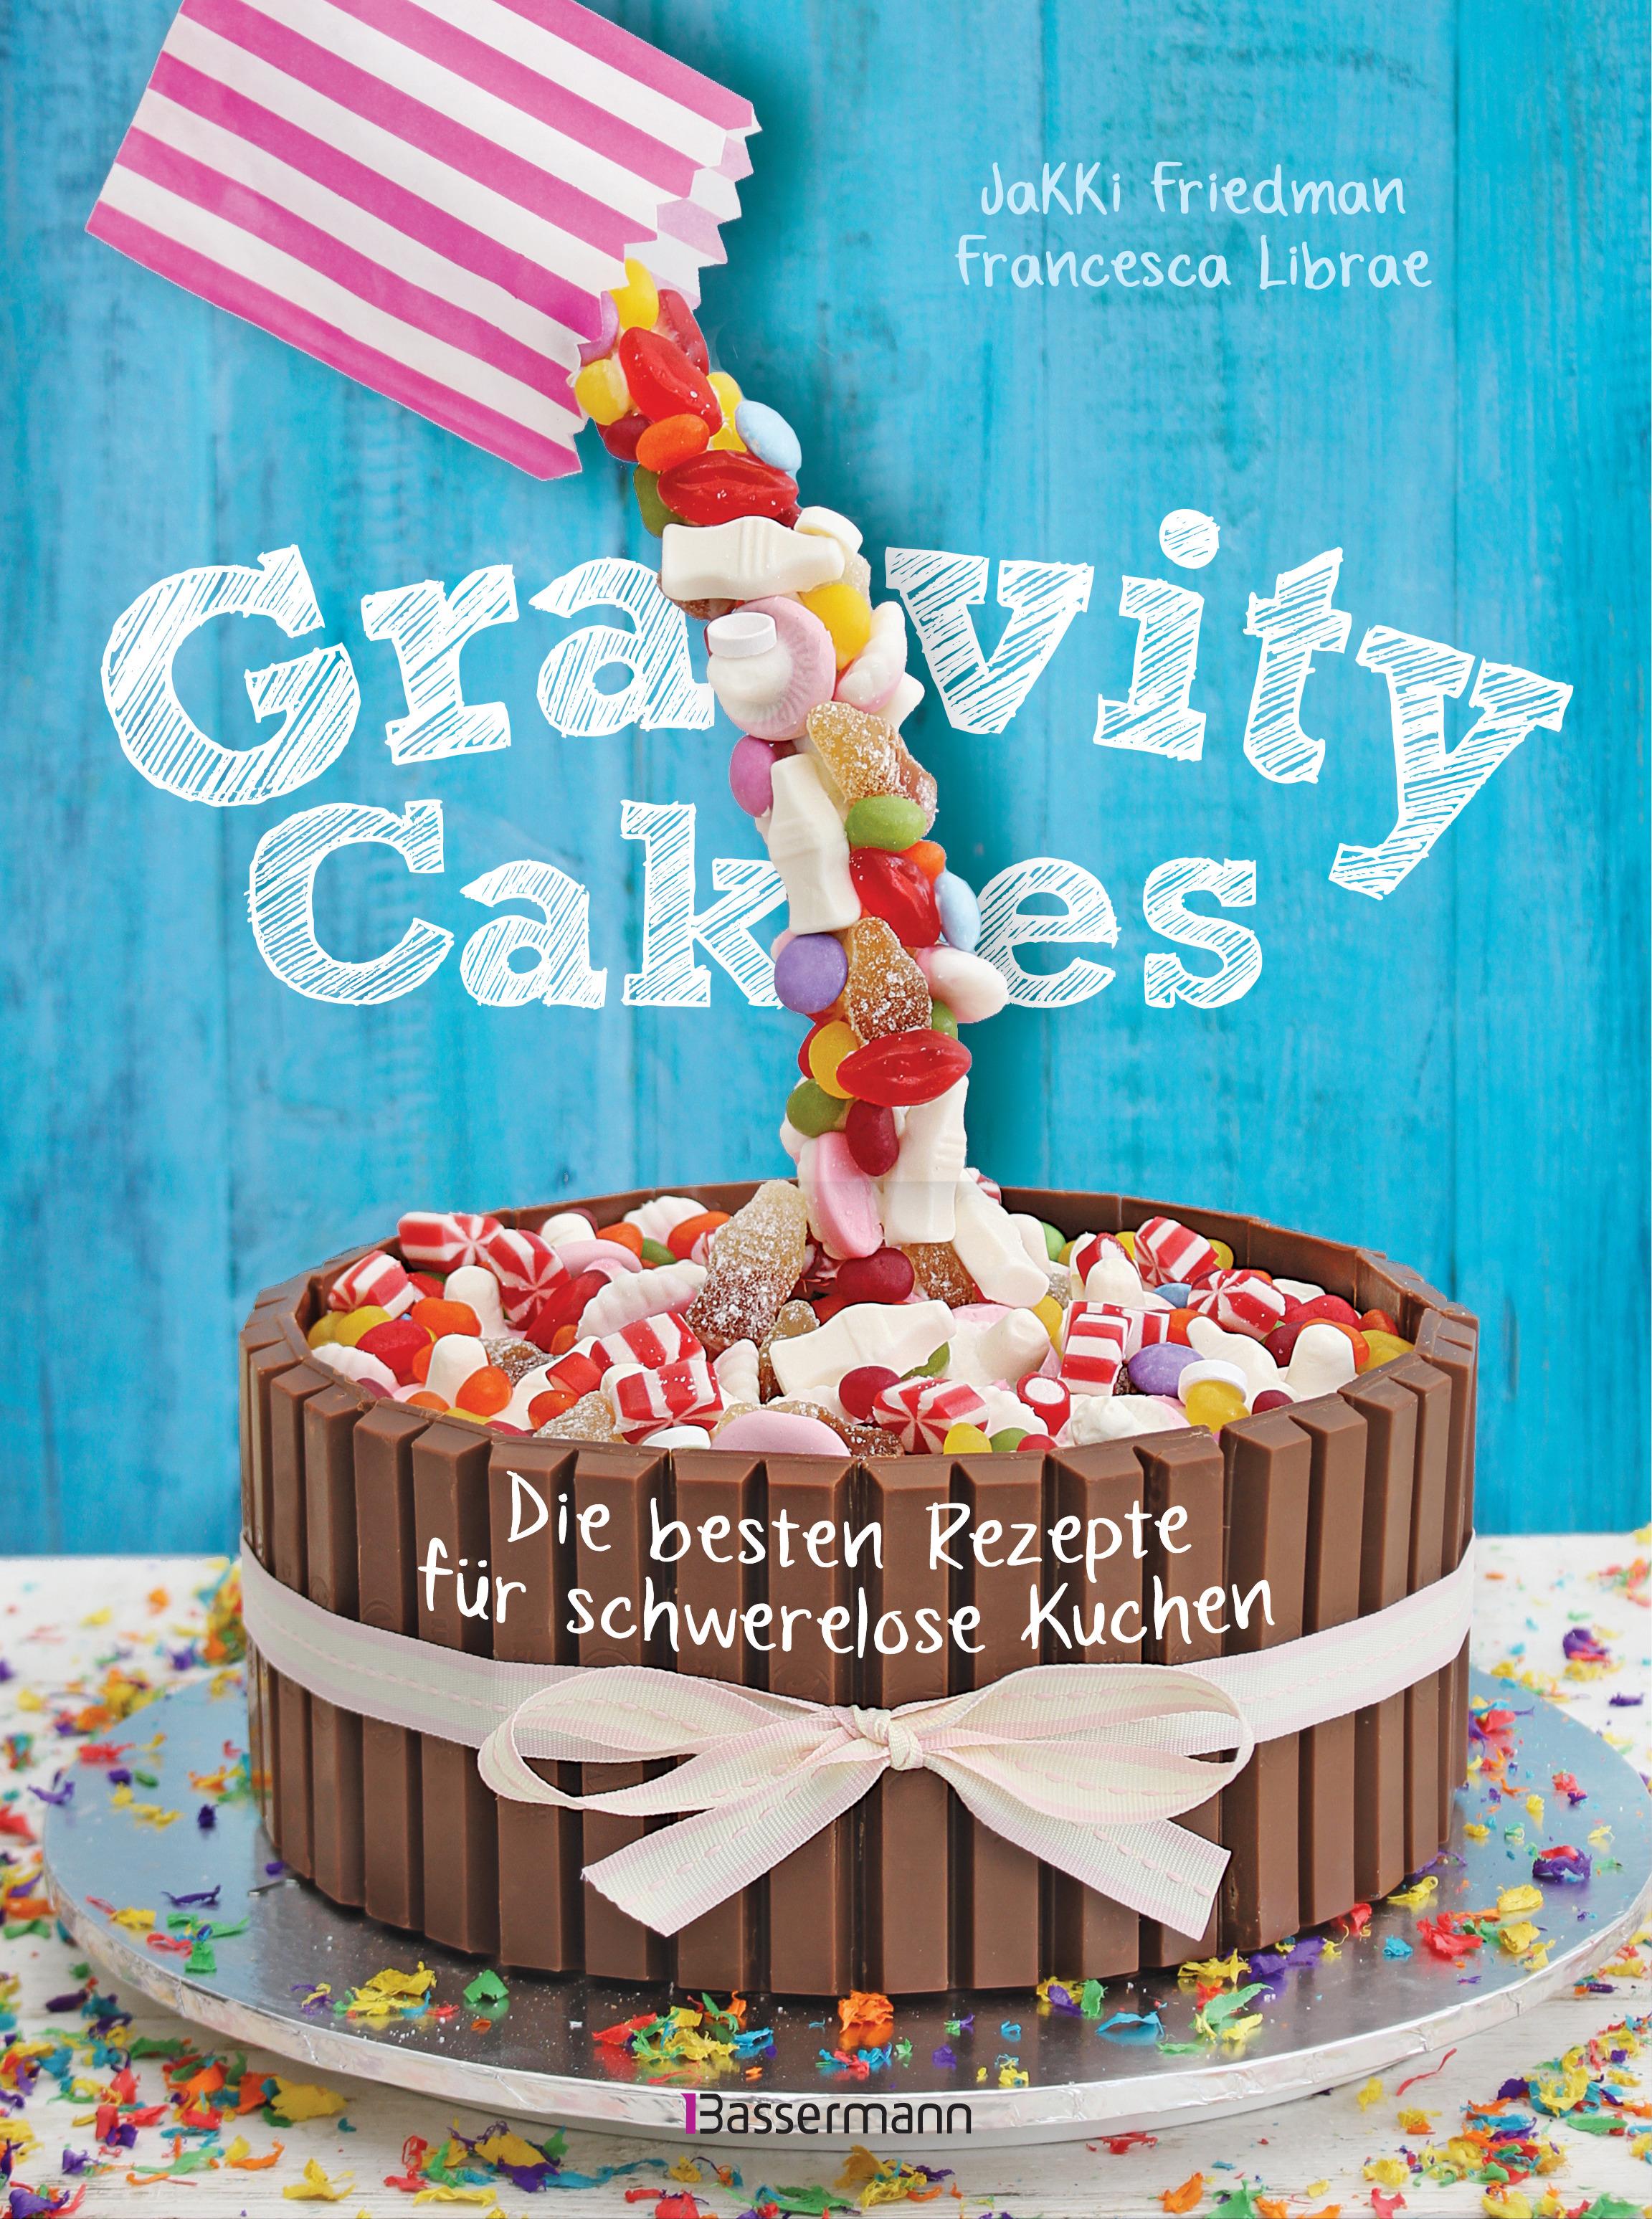 Gravity Cakes Die Besten Rezepte Fur Schwerelose Kuchen Von Friedman Jakki Librae